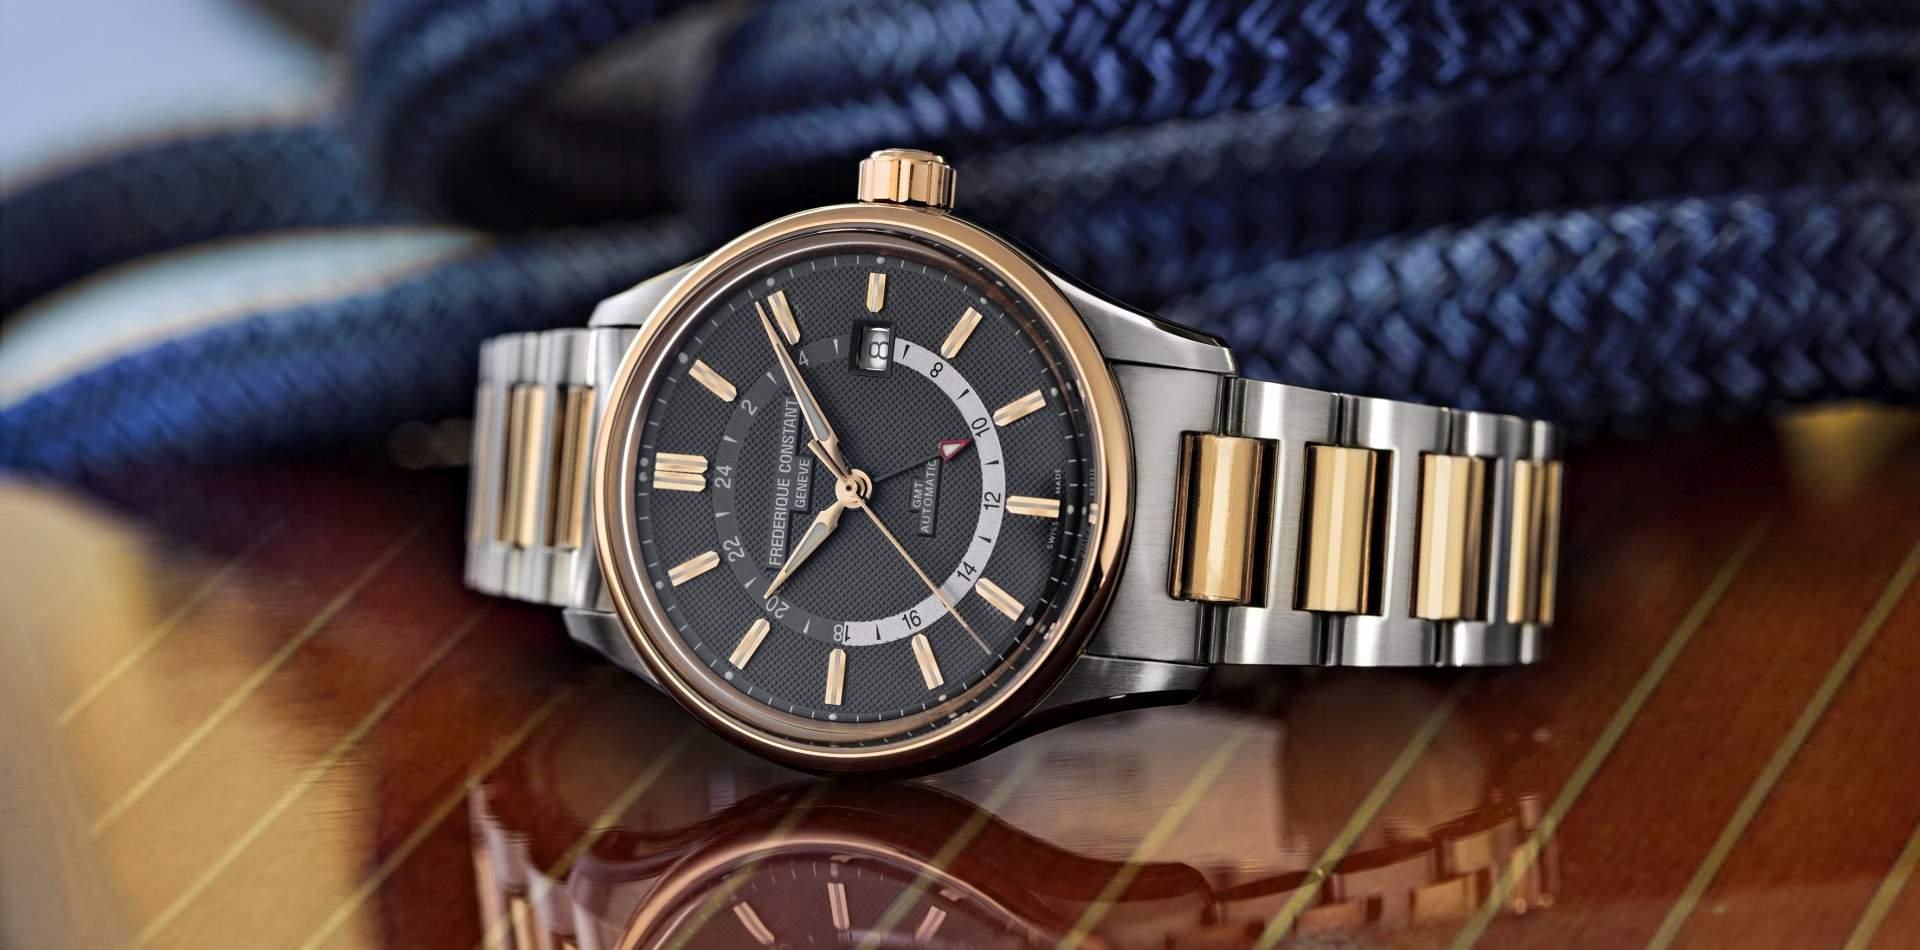 揚帆航向遠方異域:Frederique Constant推出首款Yacht Timer GMT兩地時間系列腕錶